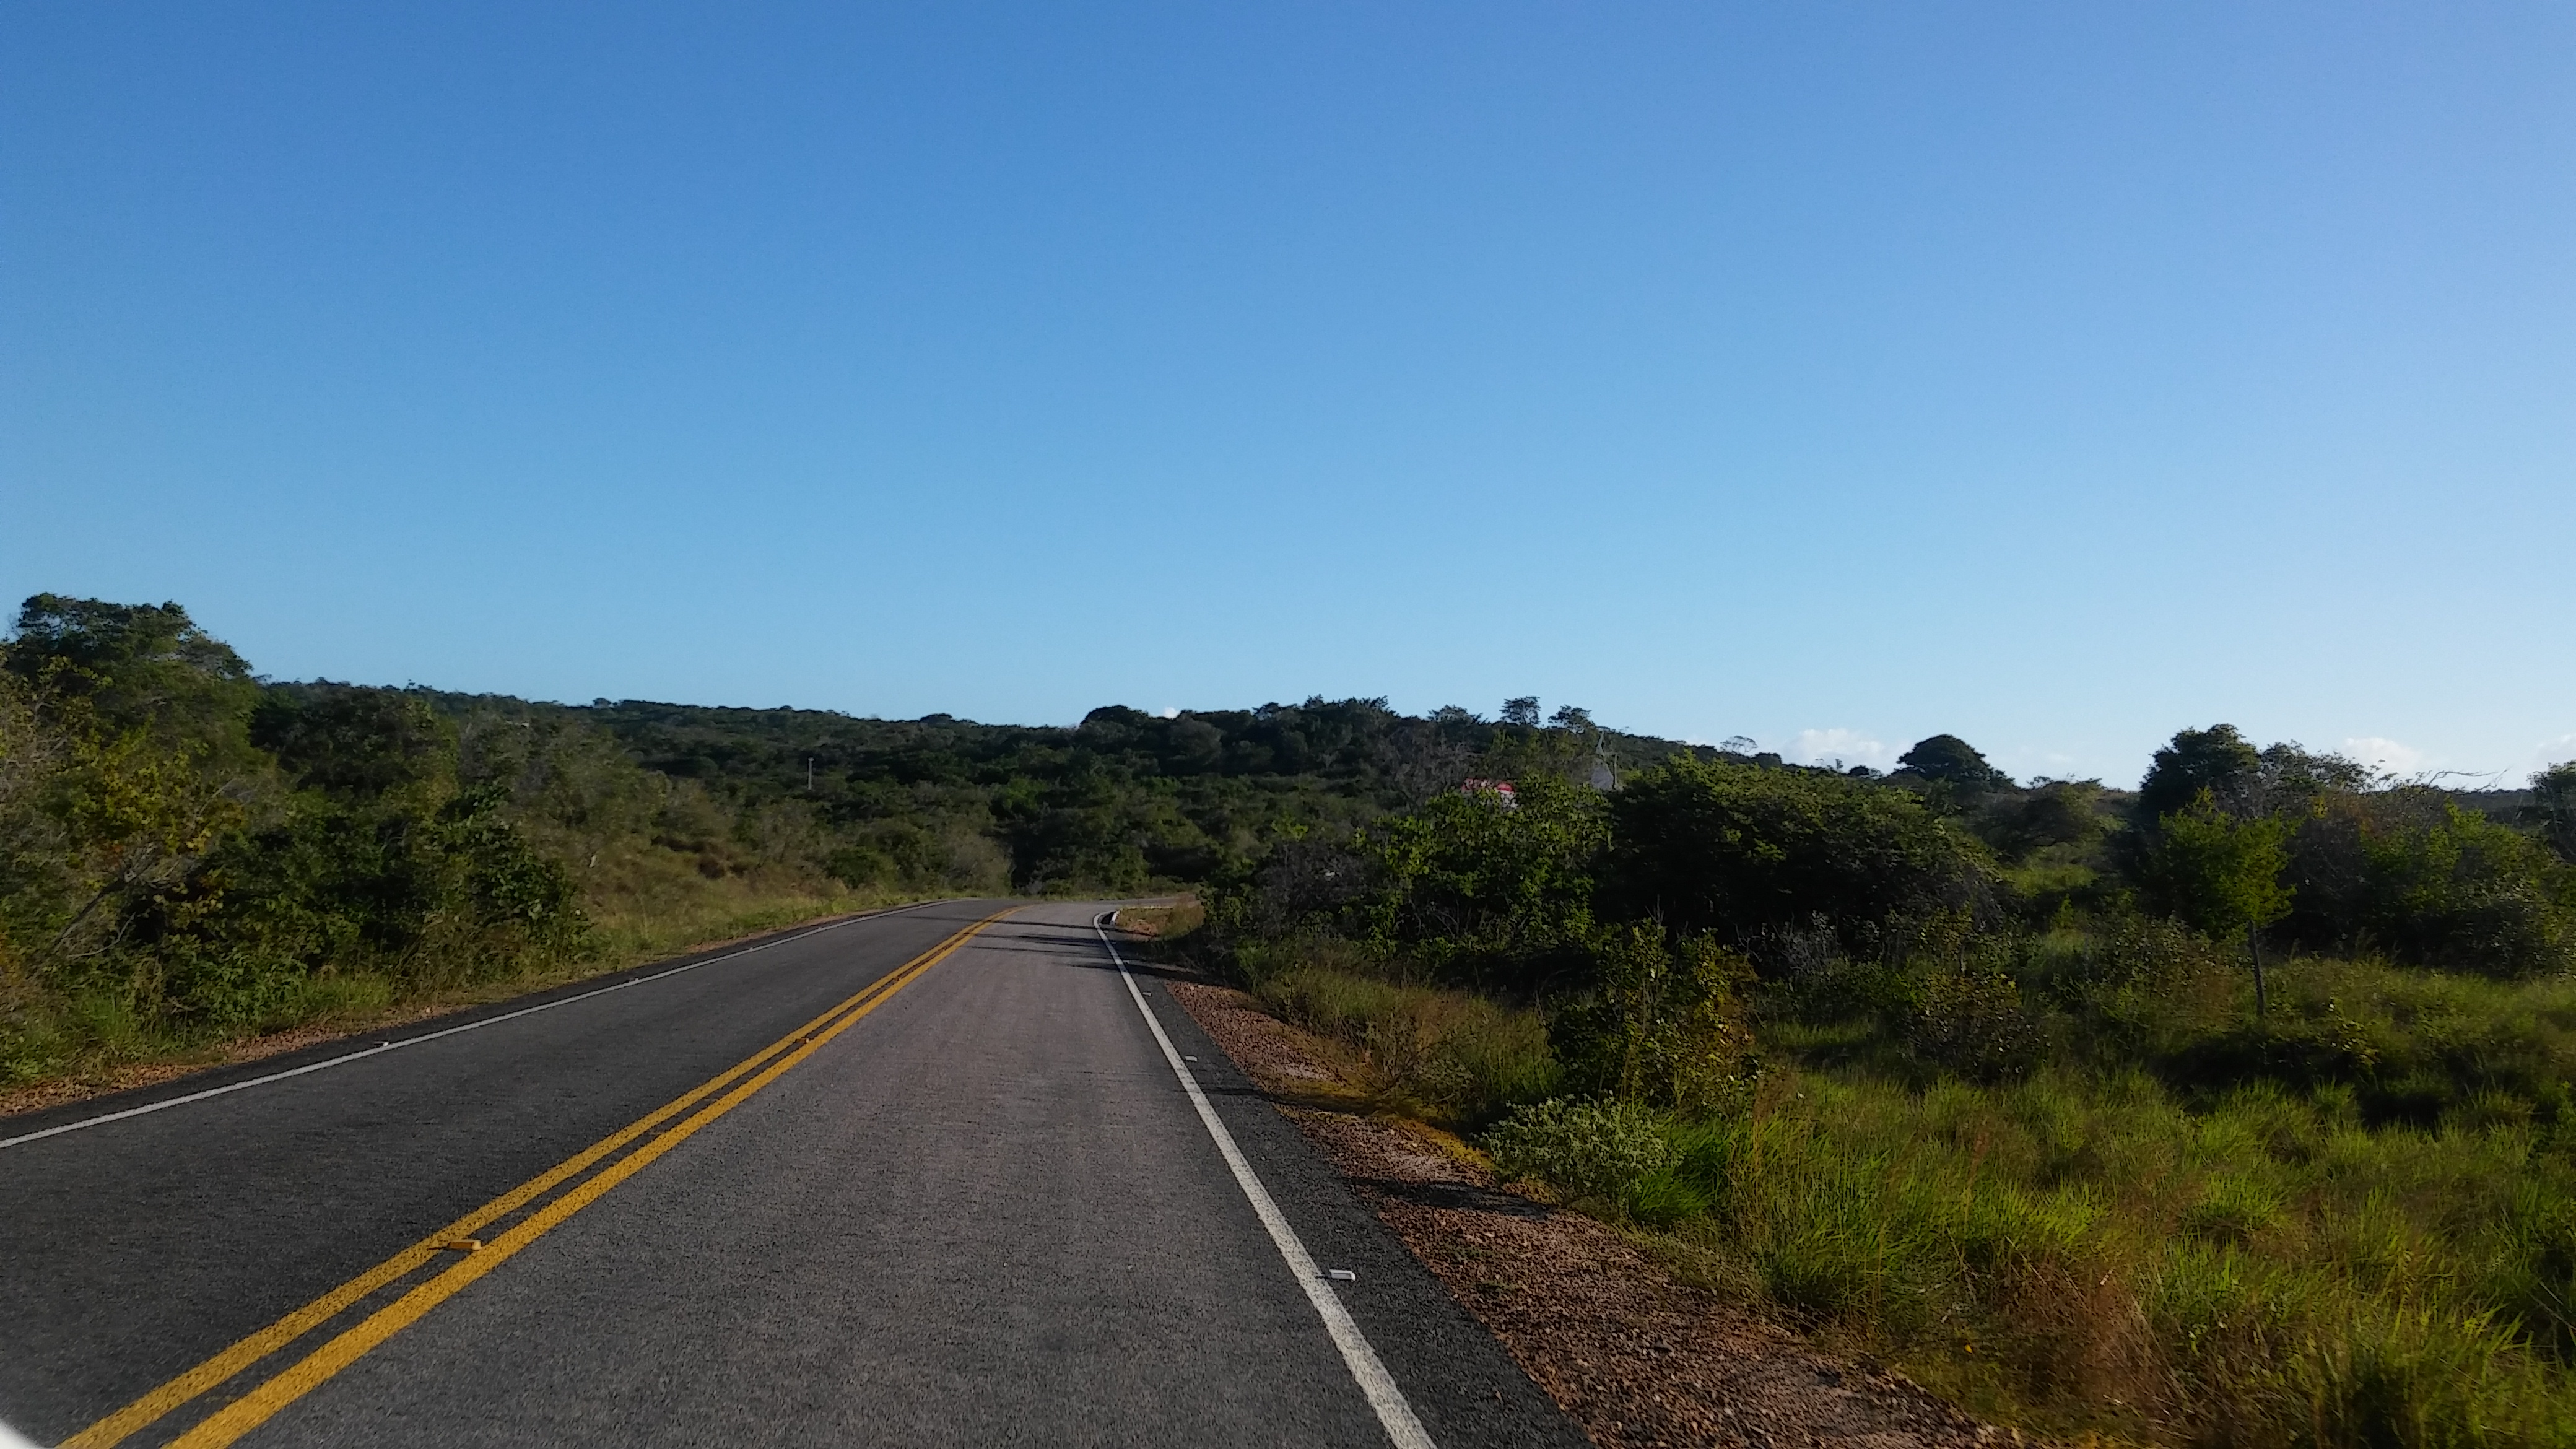 natal-gravata-nordeste-litoral-pernambuco-estrada-road-trip